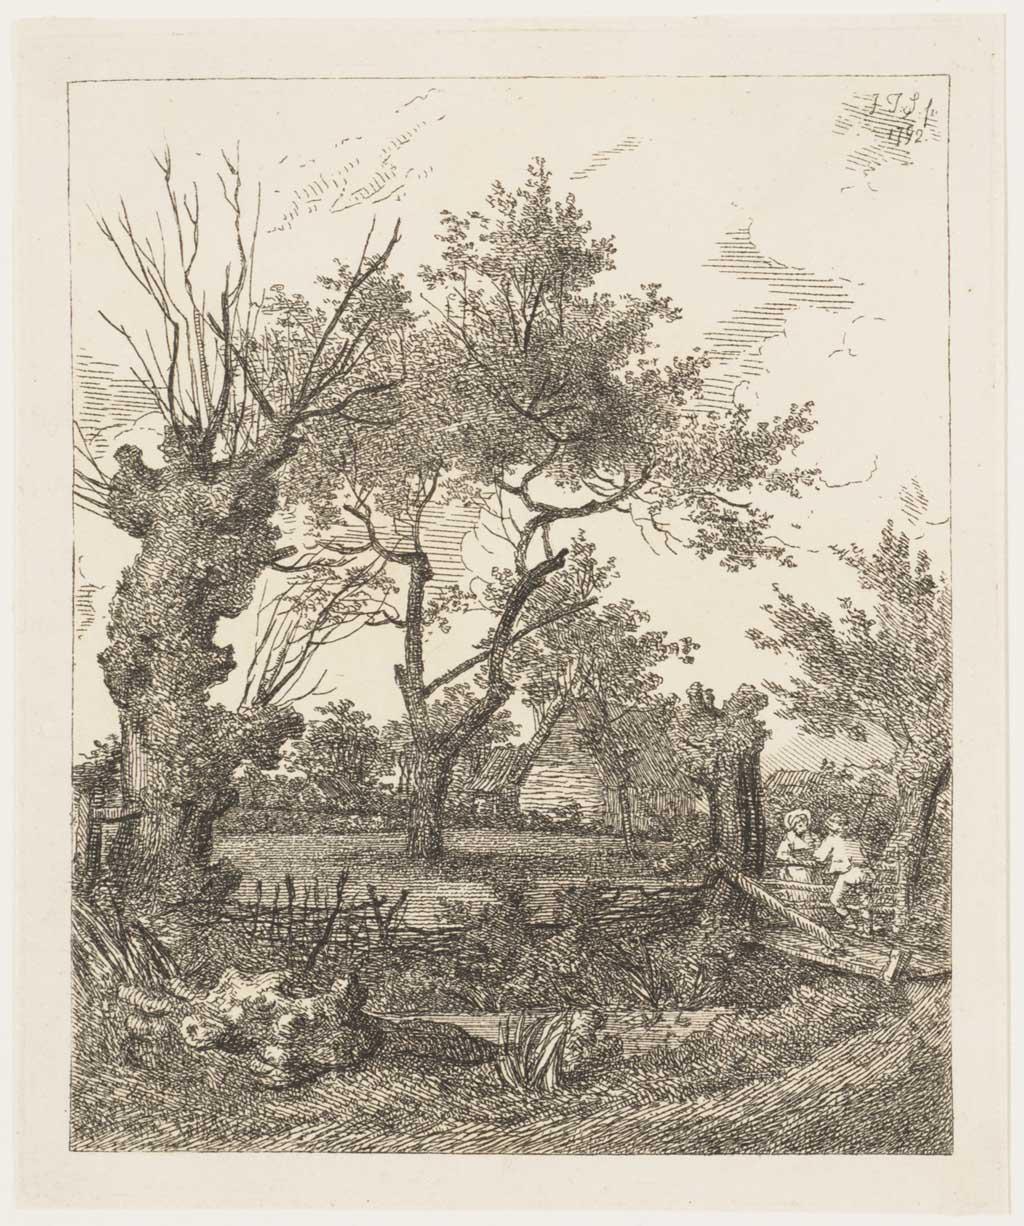 Landschap met knotwilgen en een huis